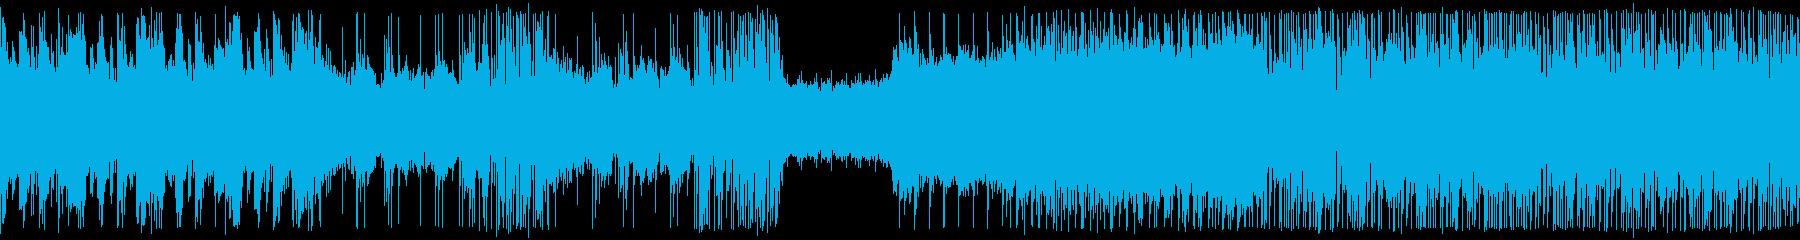 変則ギターロック的な戦闘BGMの再生済みの波形